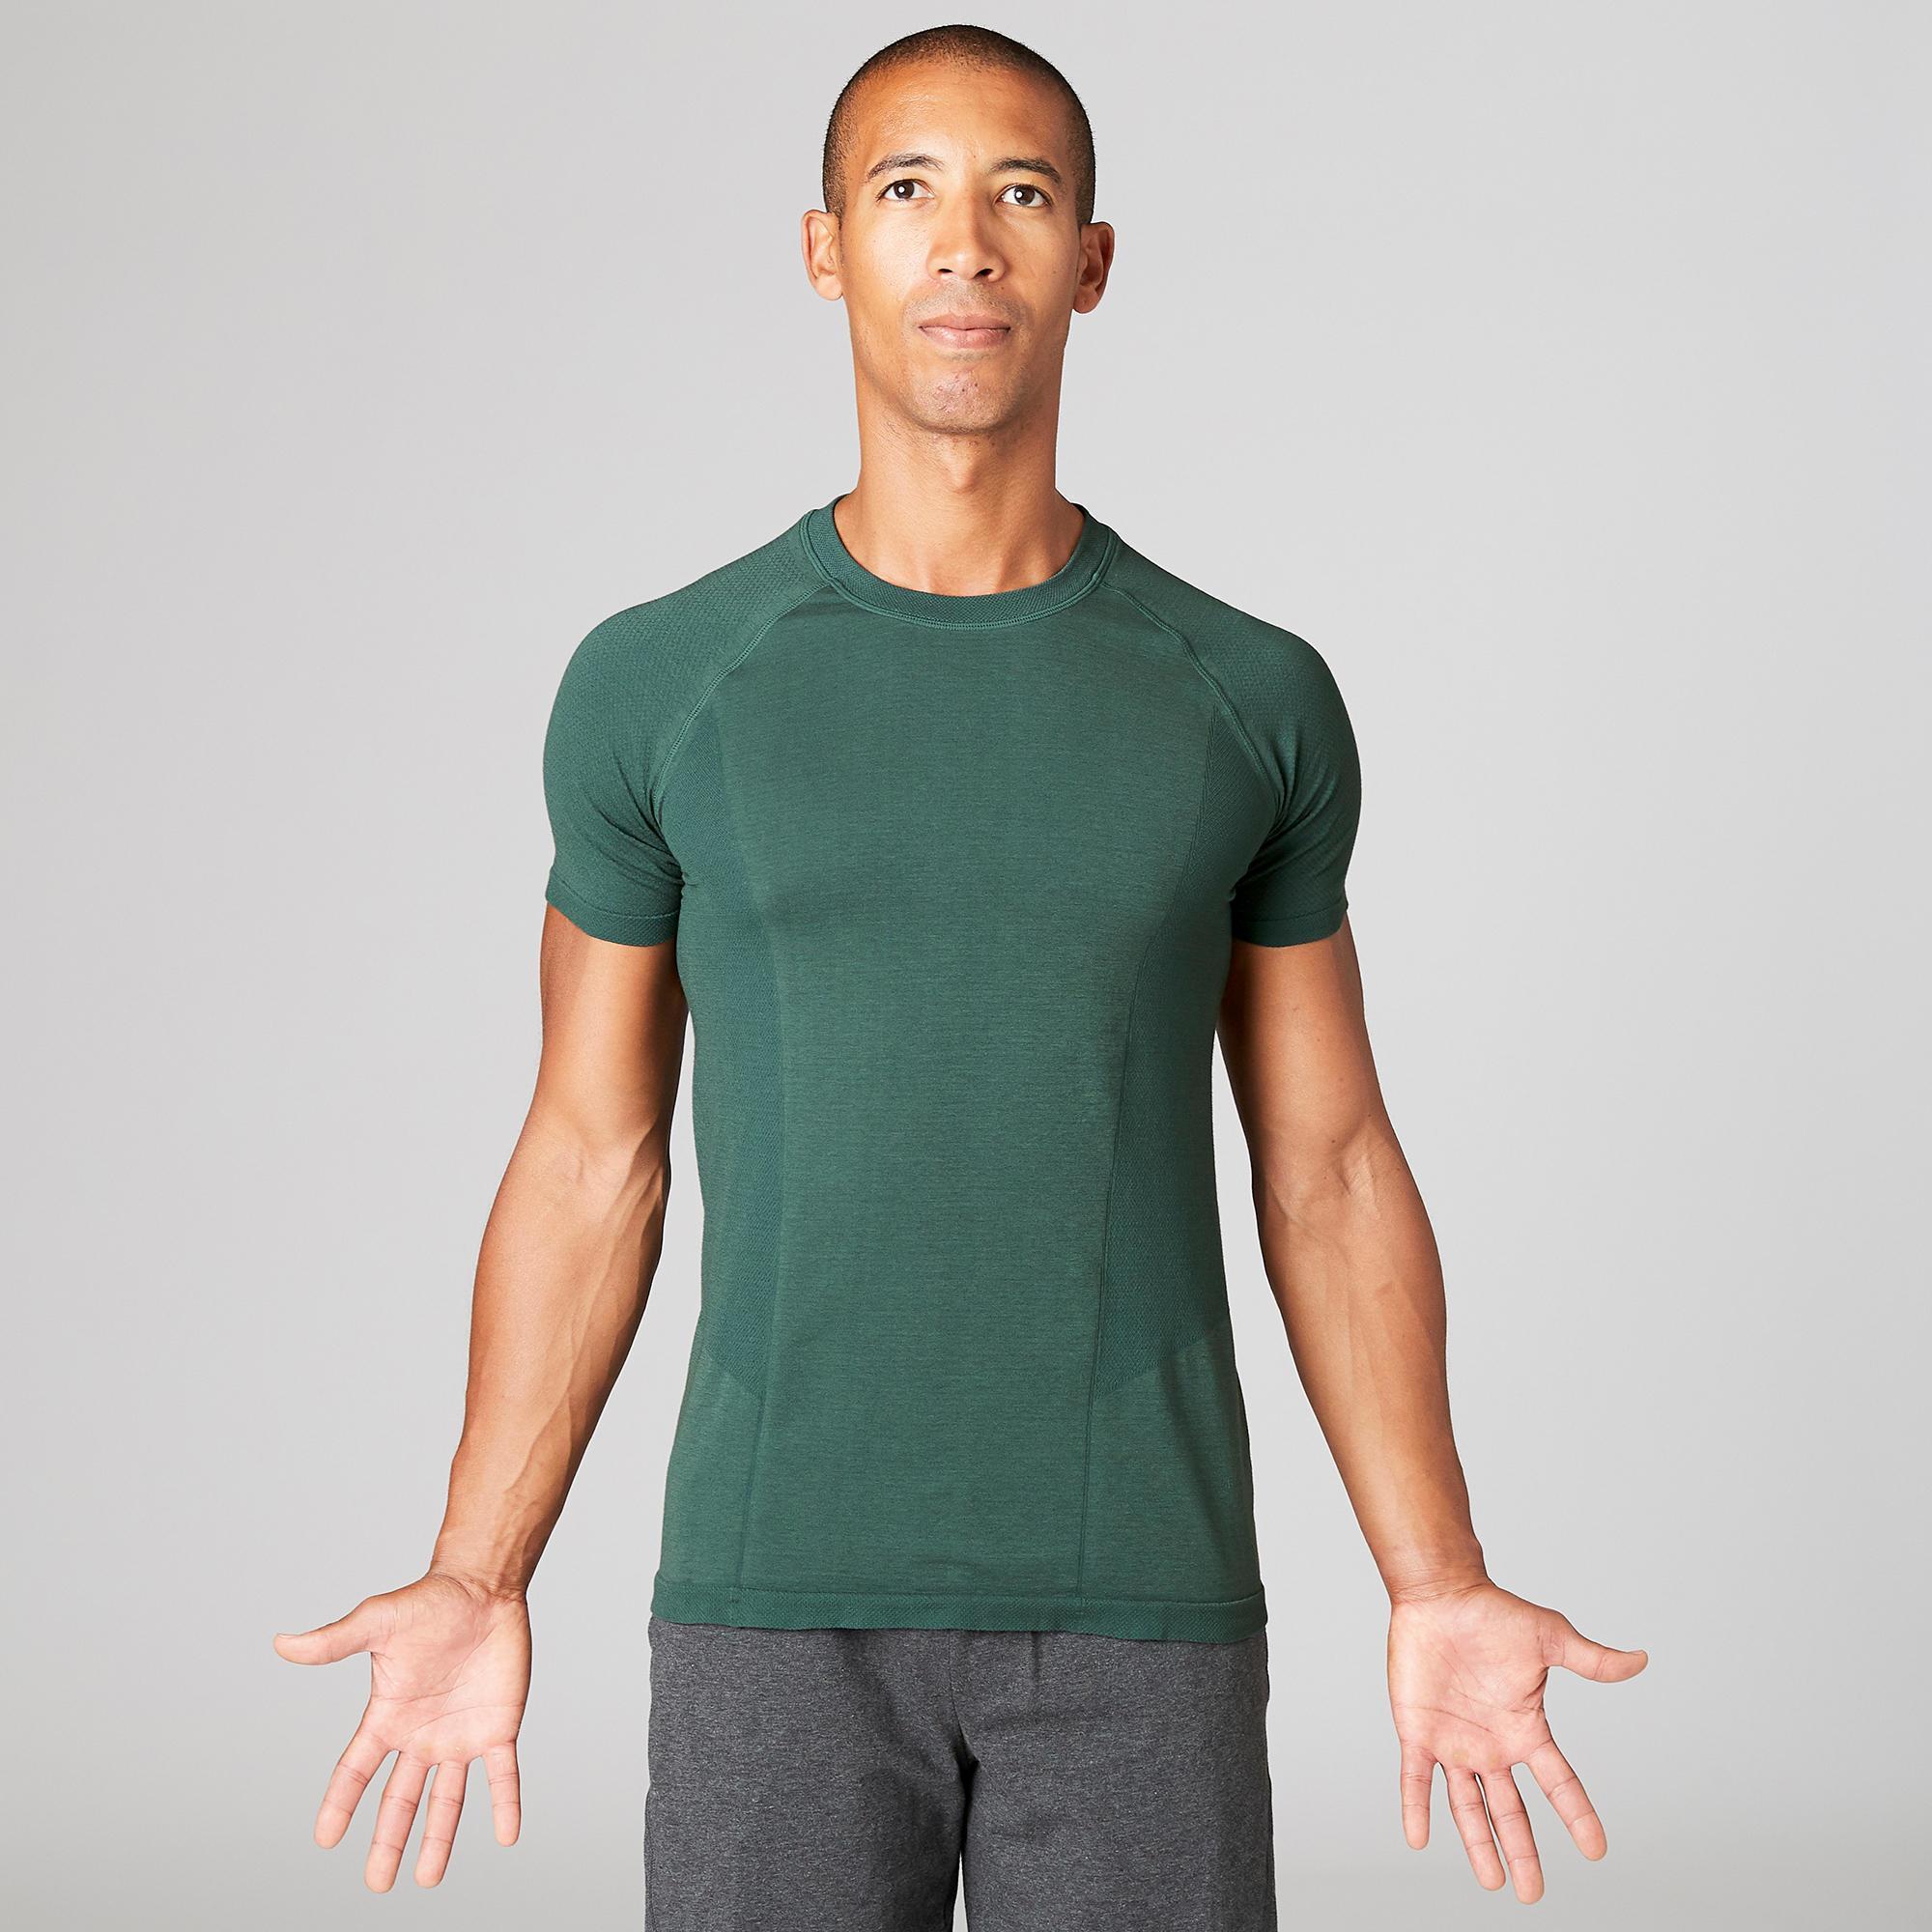 Camiseta de deporte para hombre